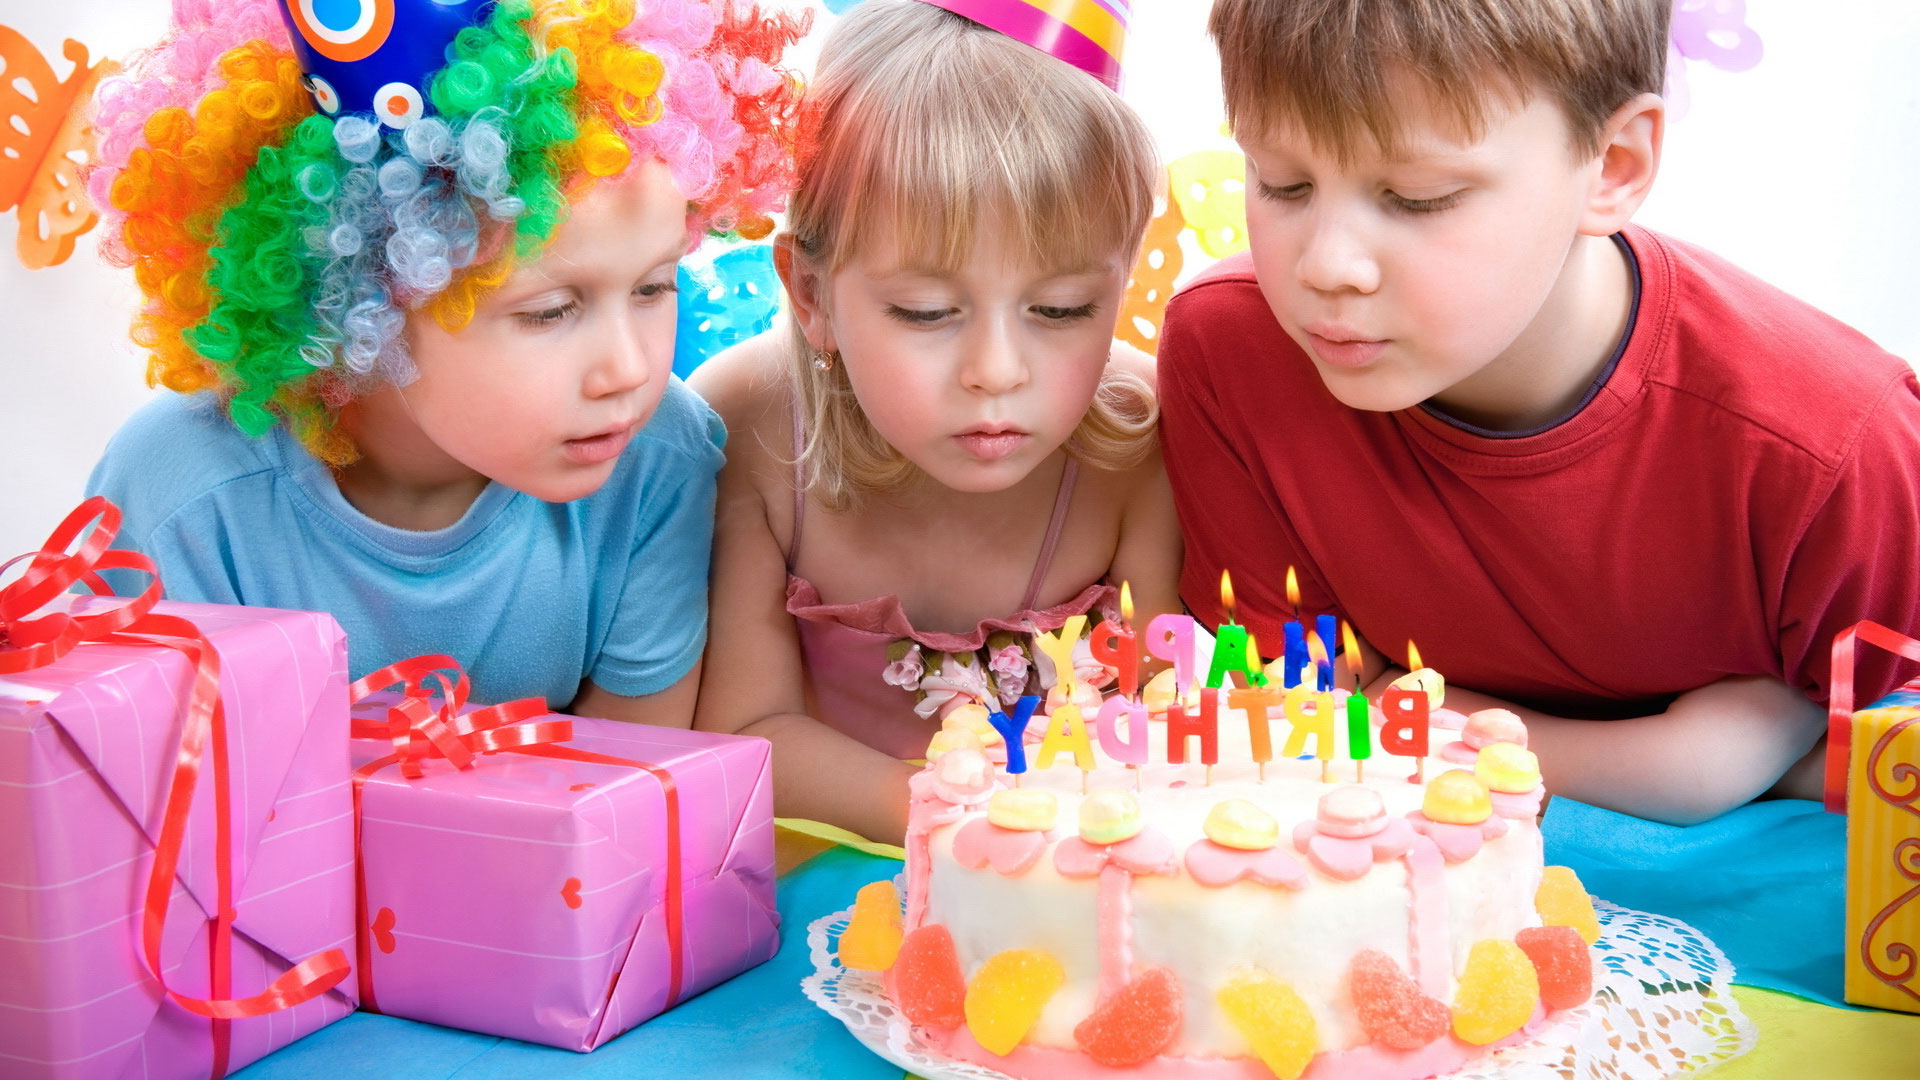 Как выбирать конкурсы на детский день рождения